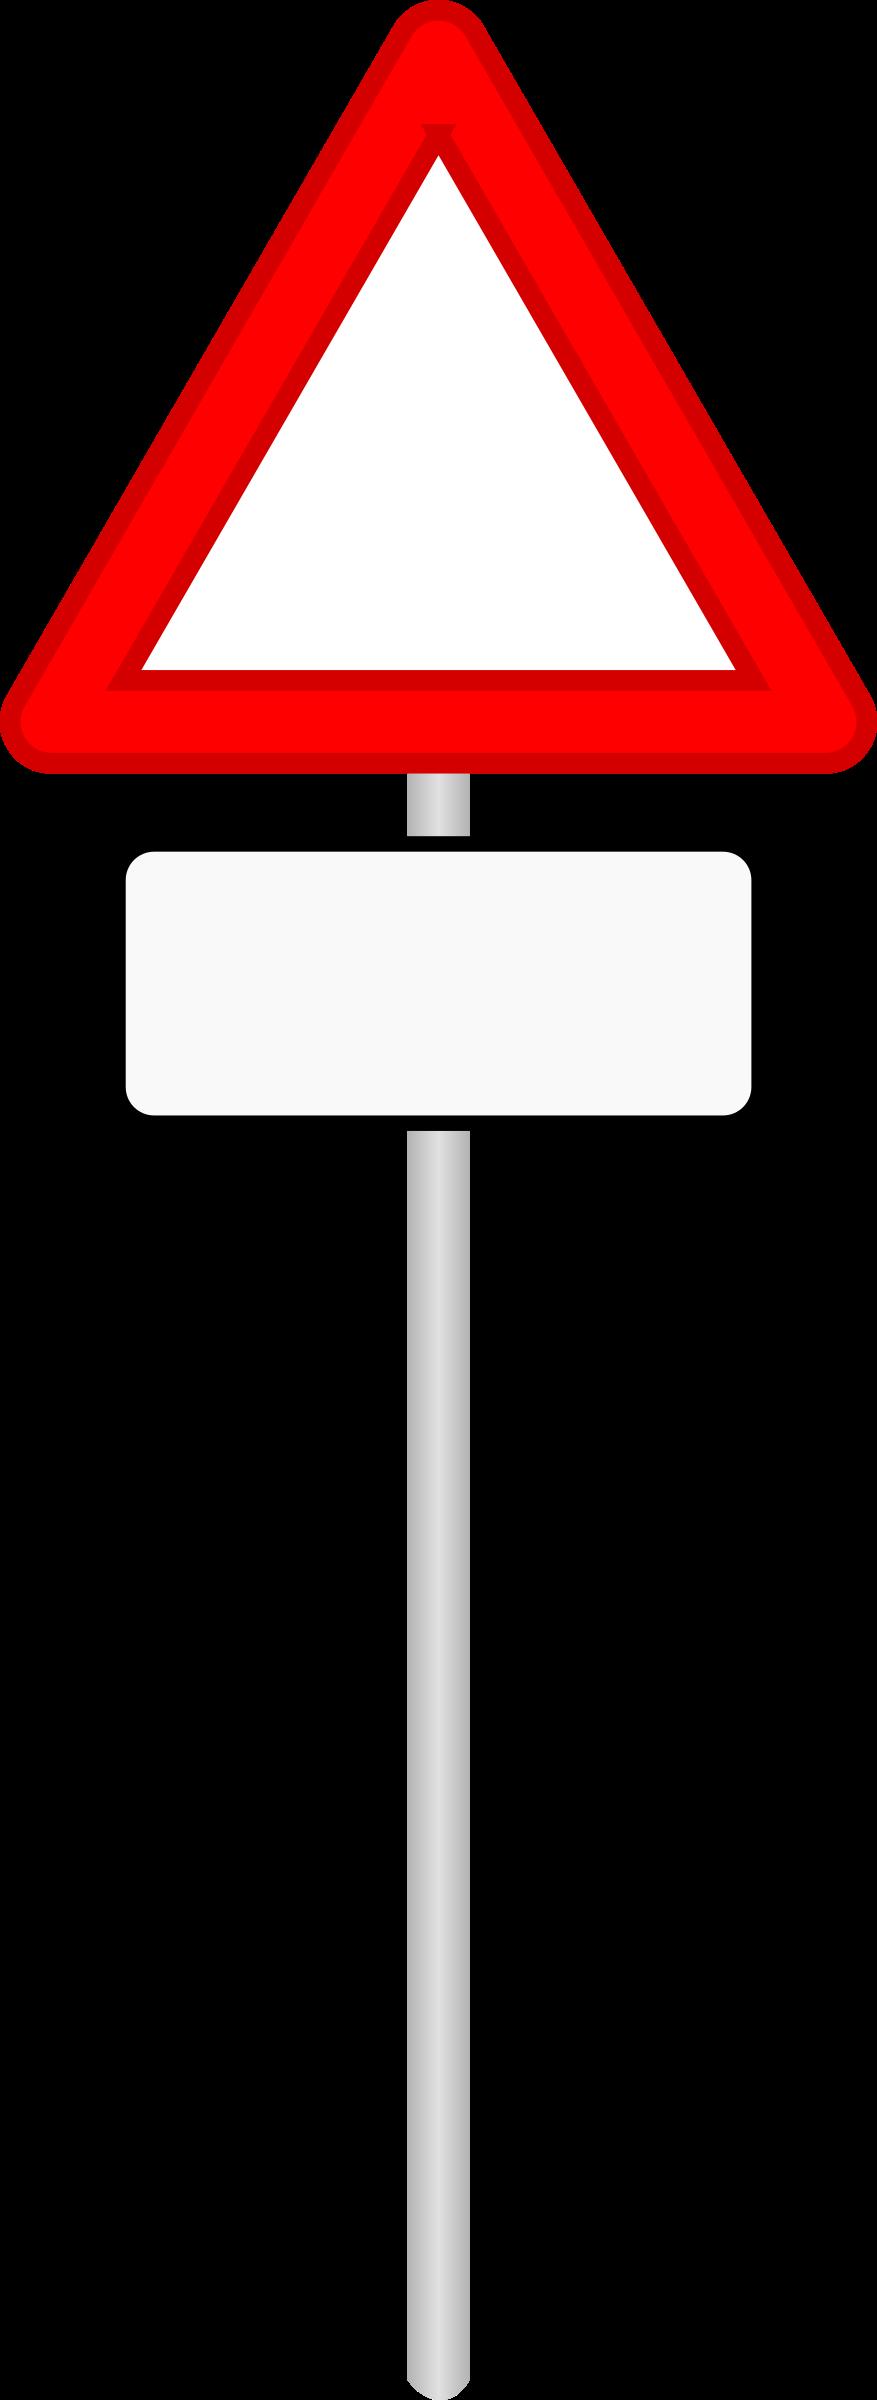 Big image png. Clipart road road sign